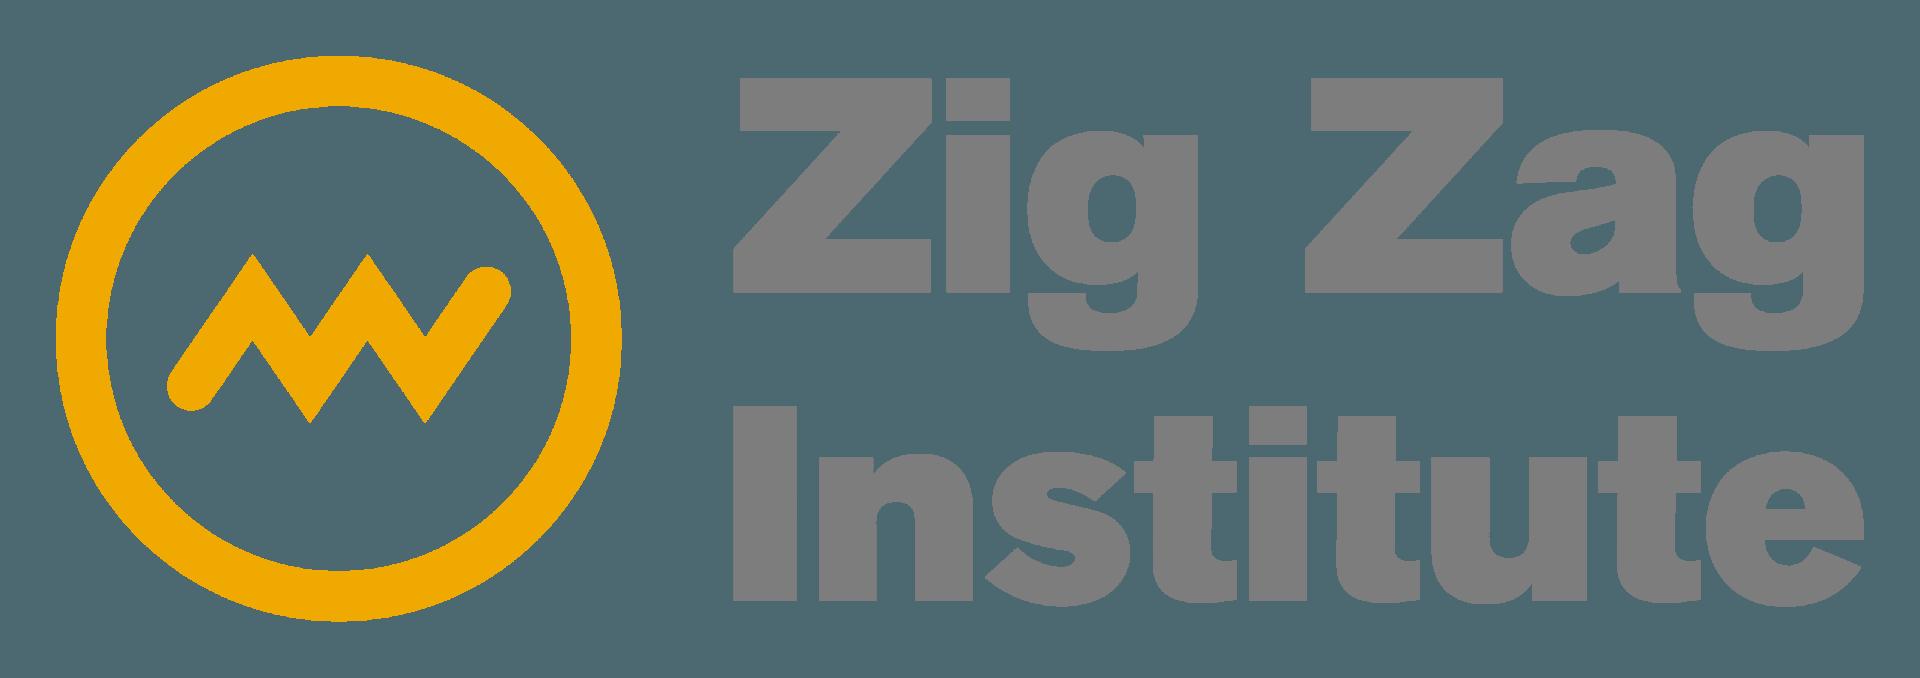 Zig Zag Institute